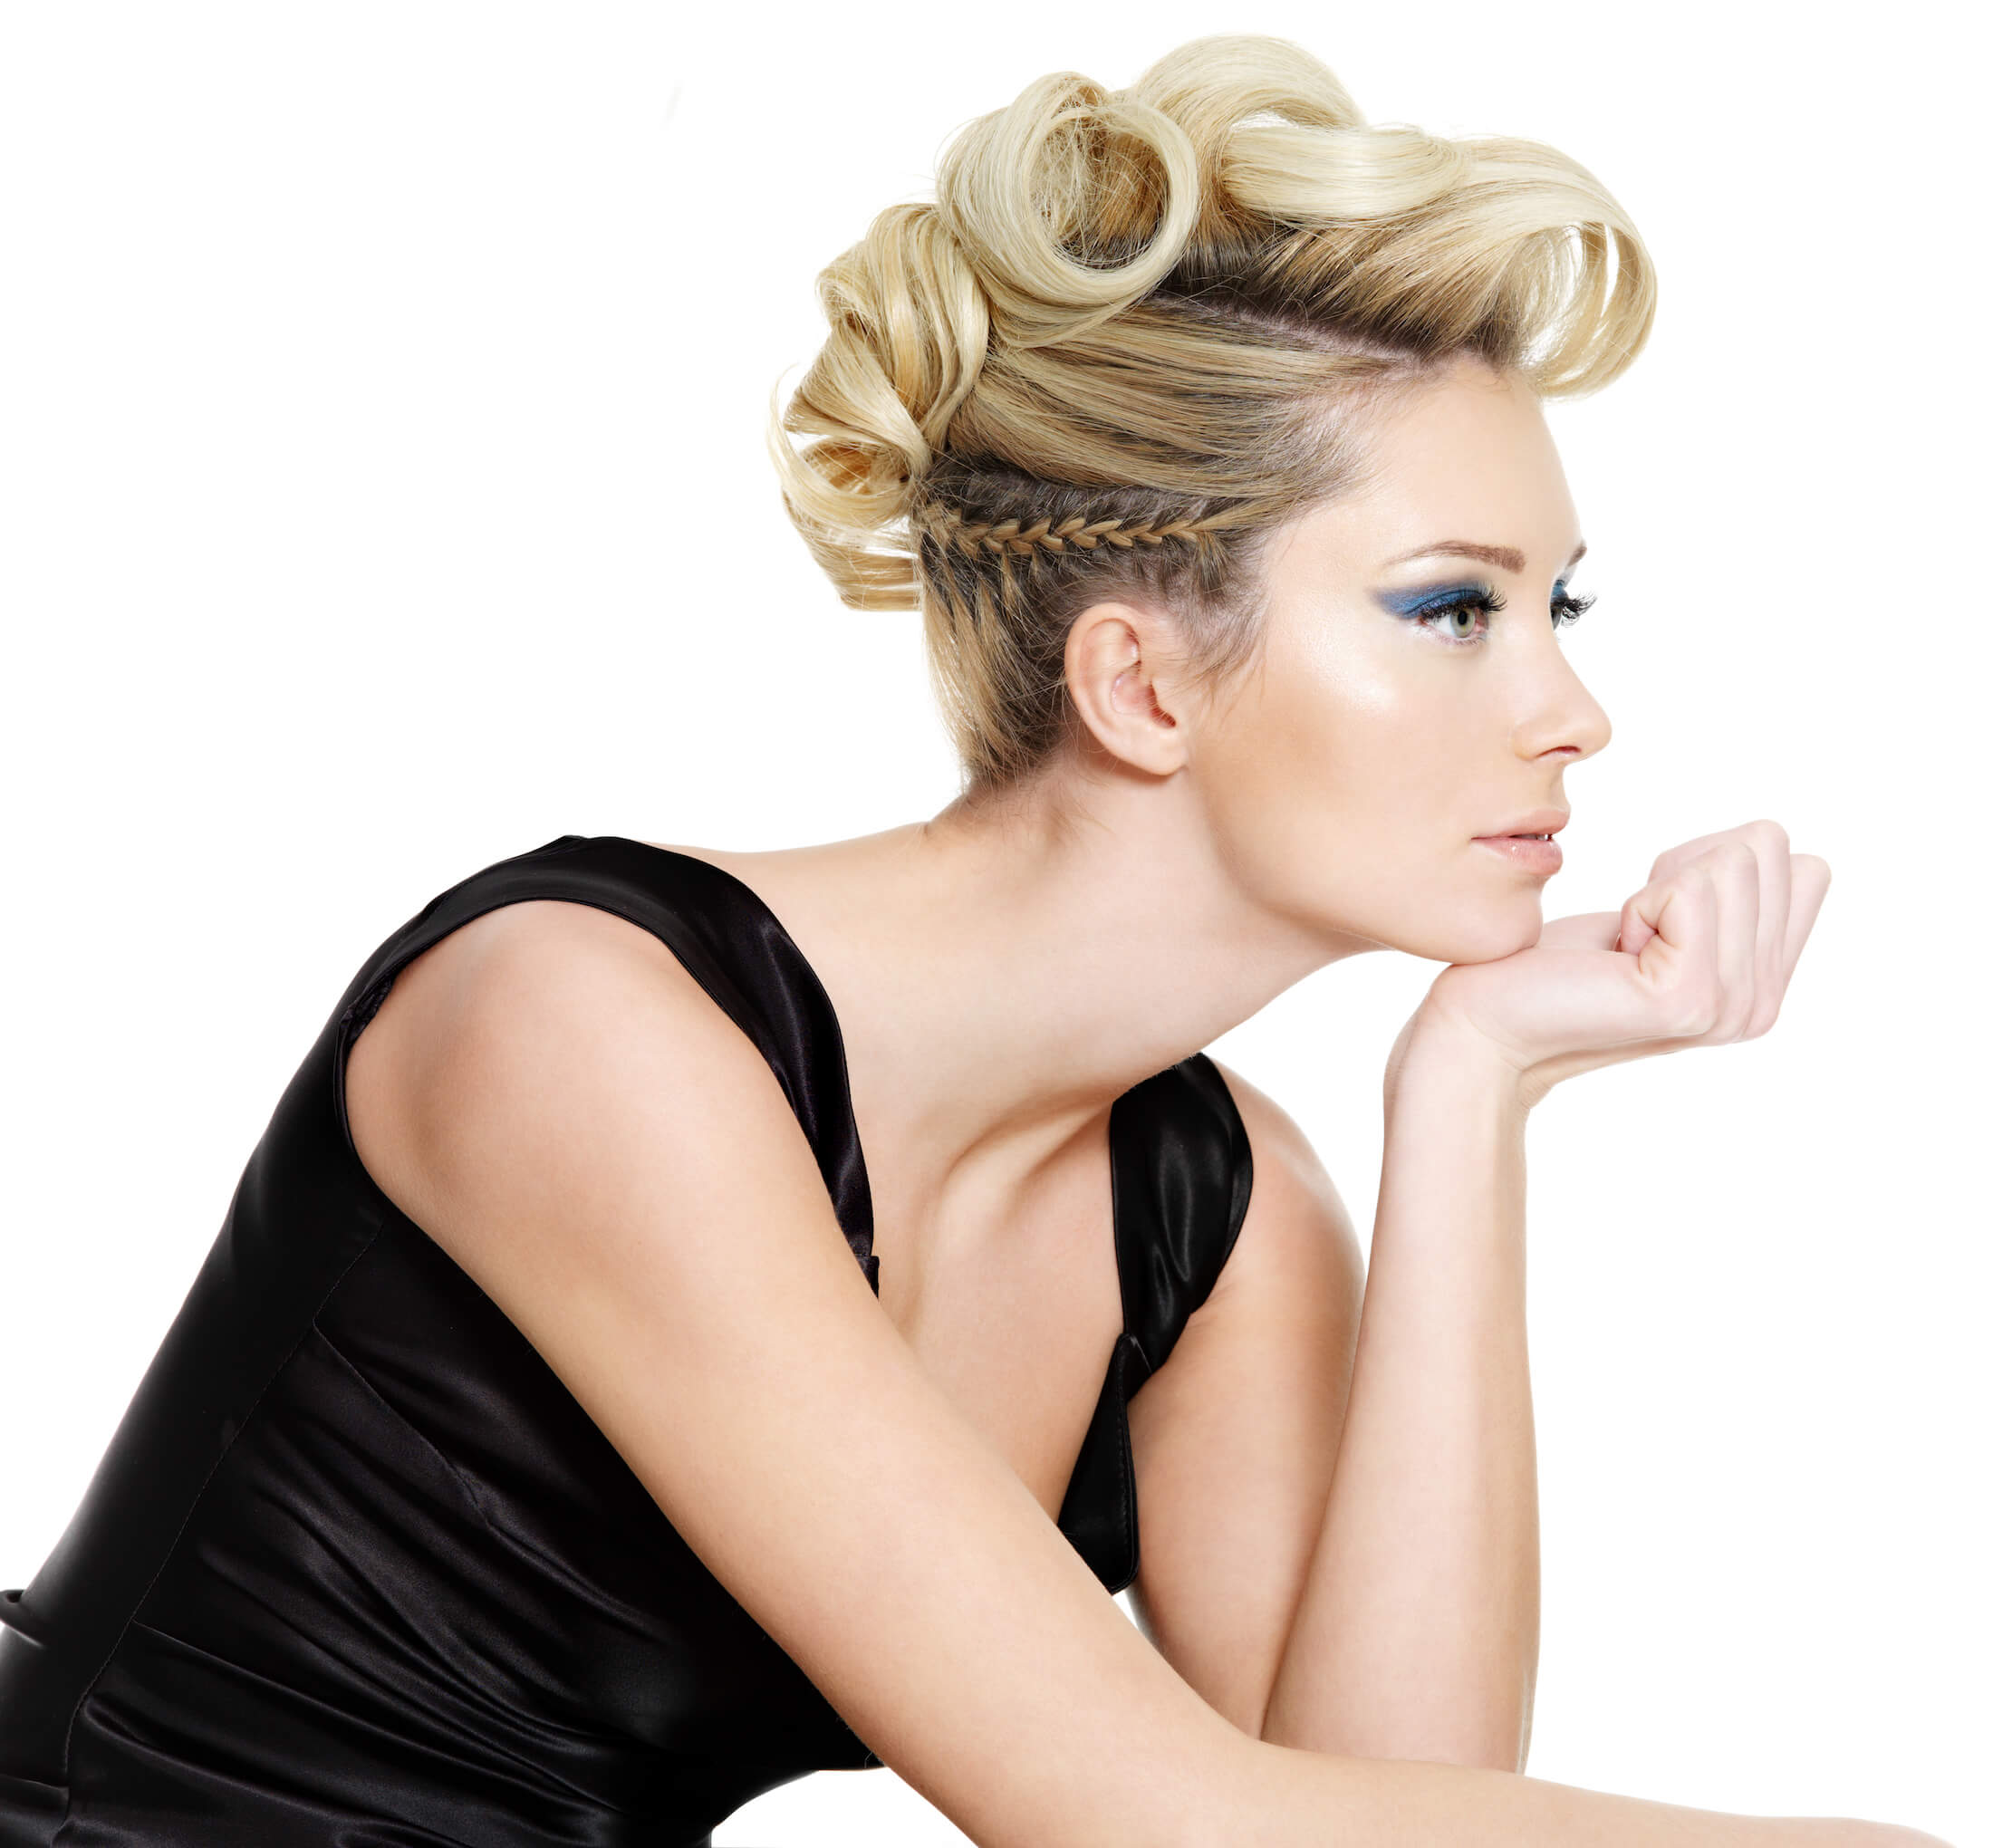 capelli biondi 5